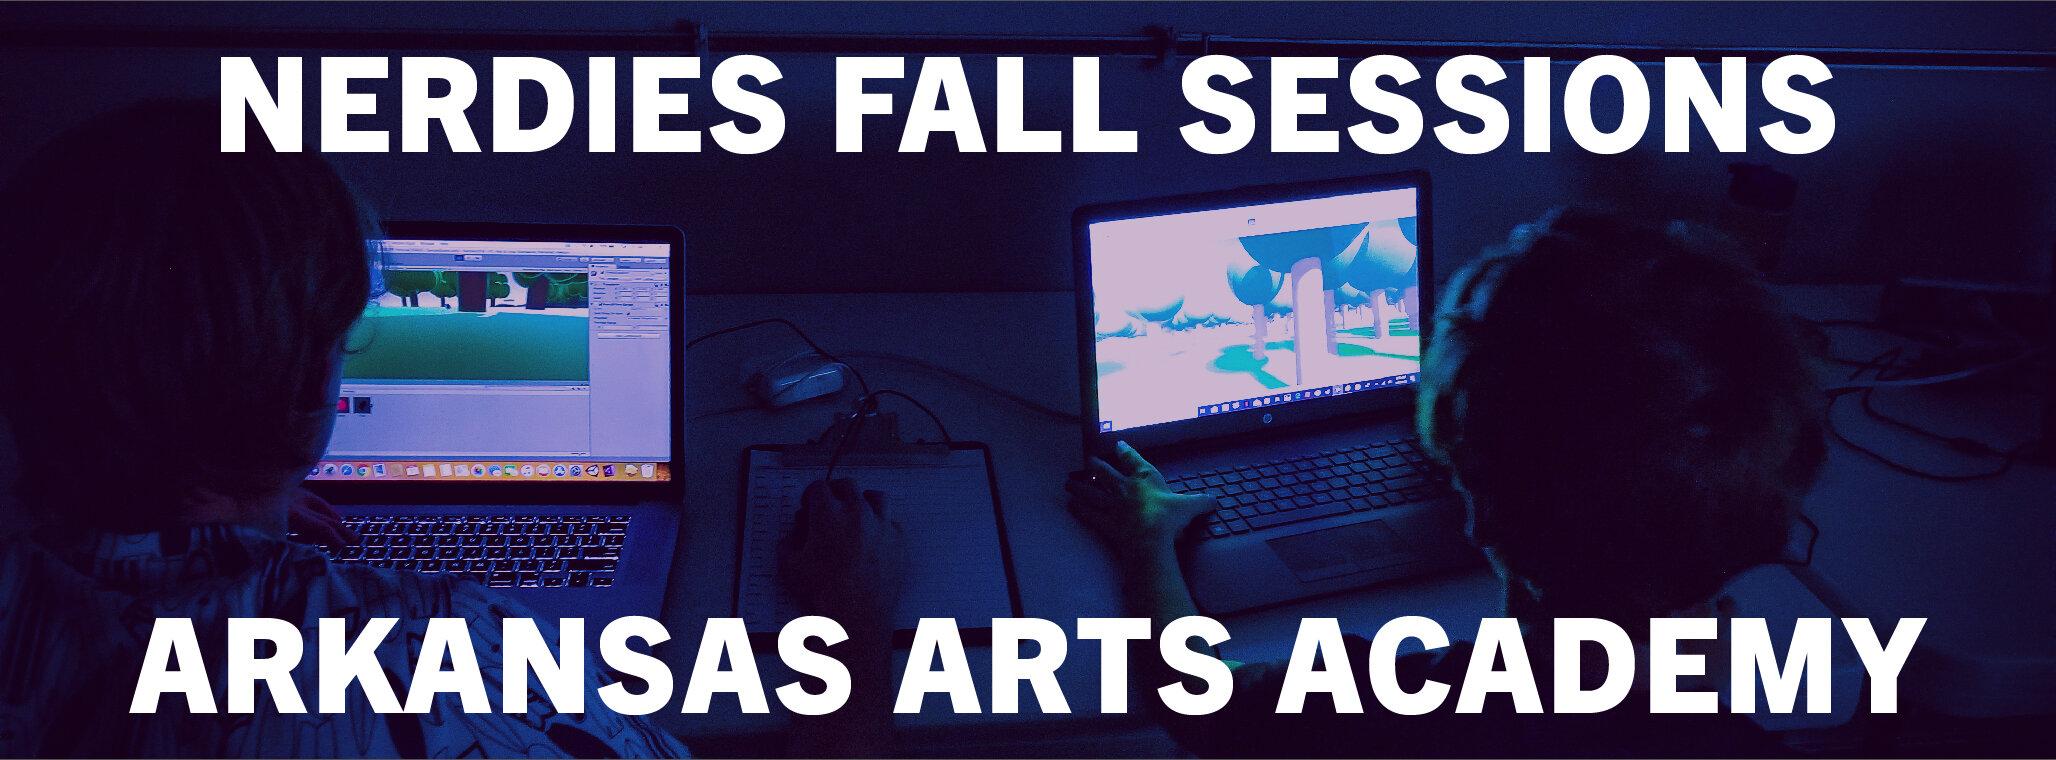 FallSessionsHeader-100.jpg